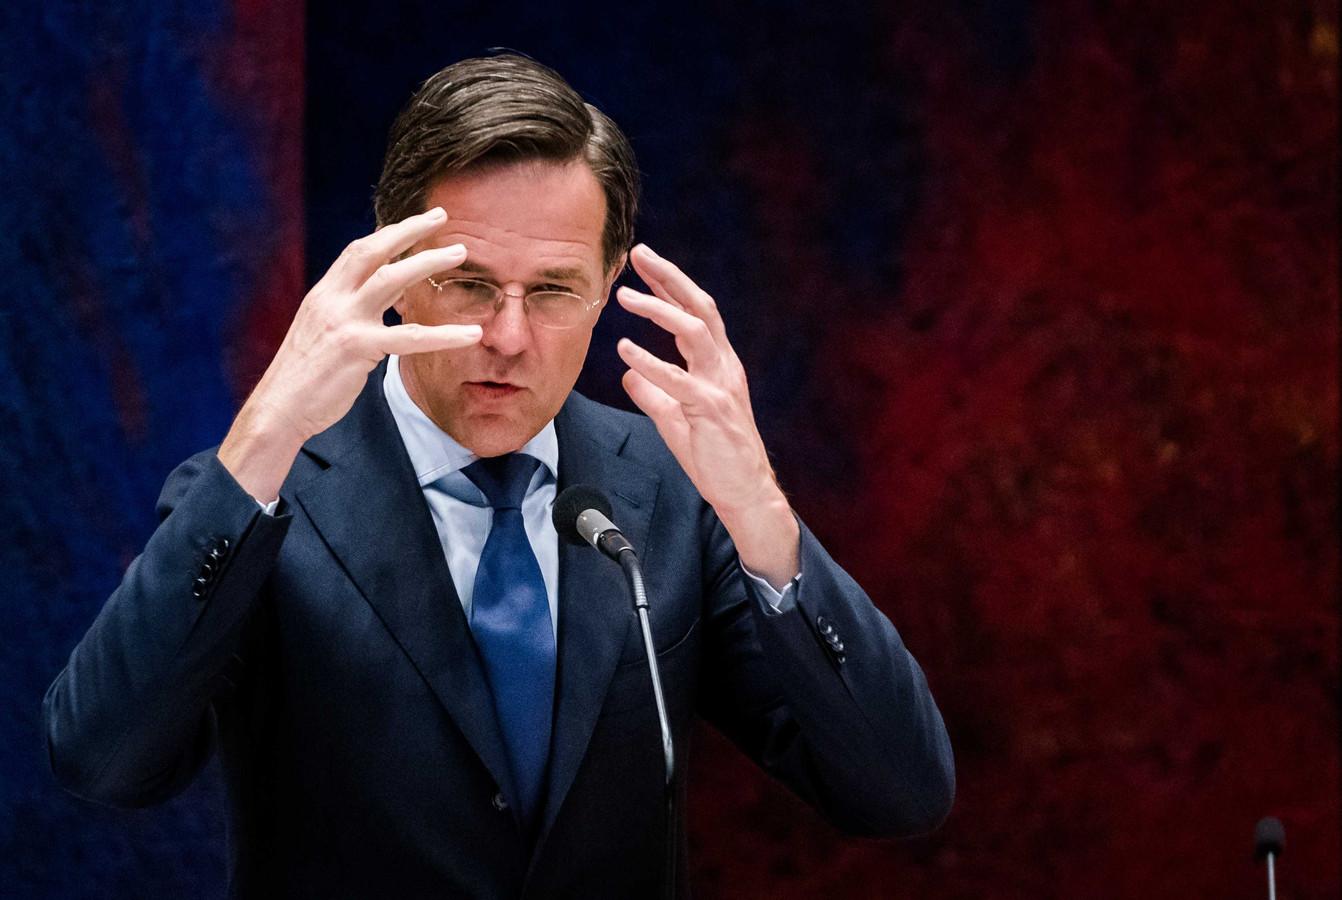 Demissionair premier Mark Rutte tijdens een debat over de toeslagenaffaire.